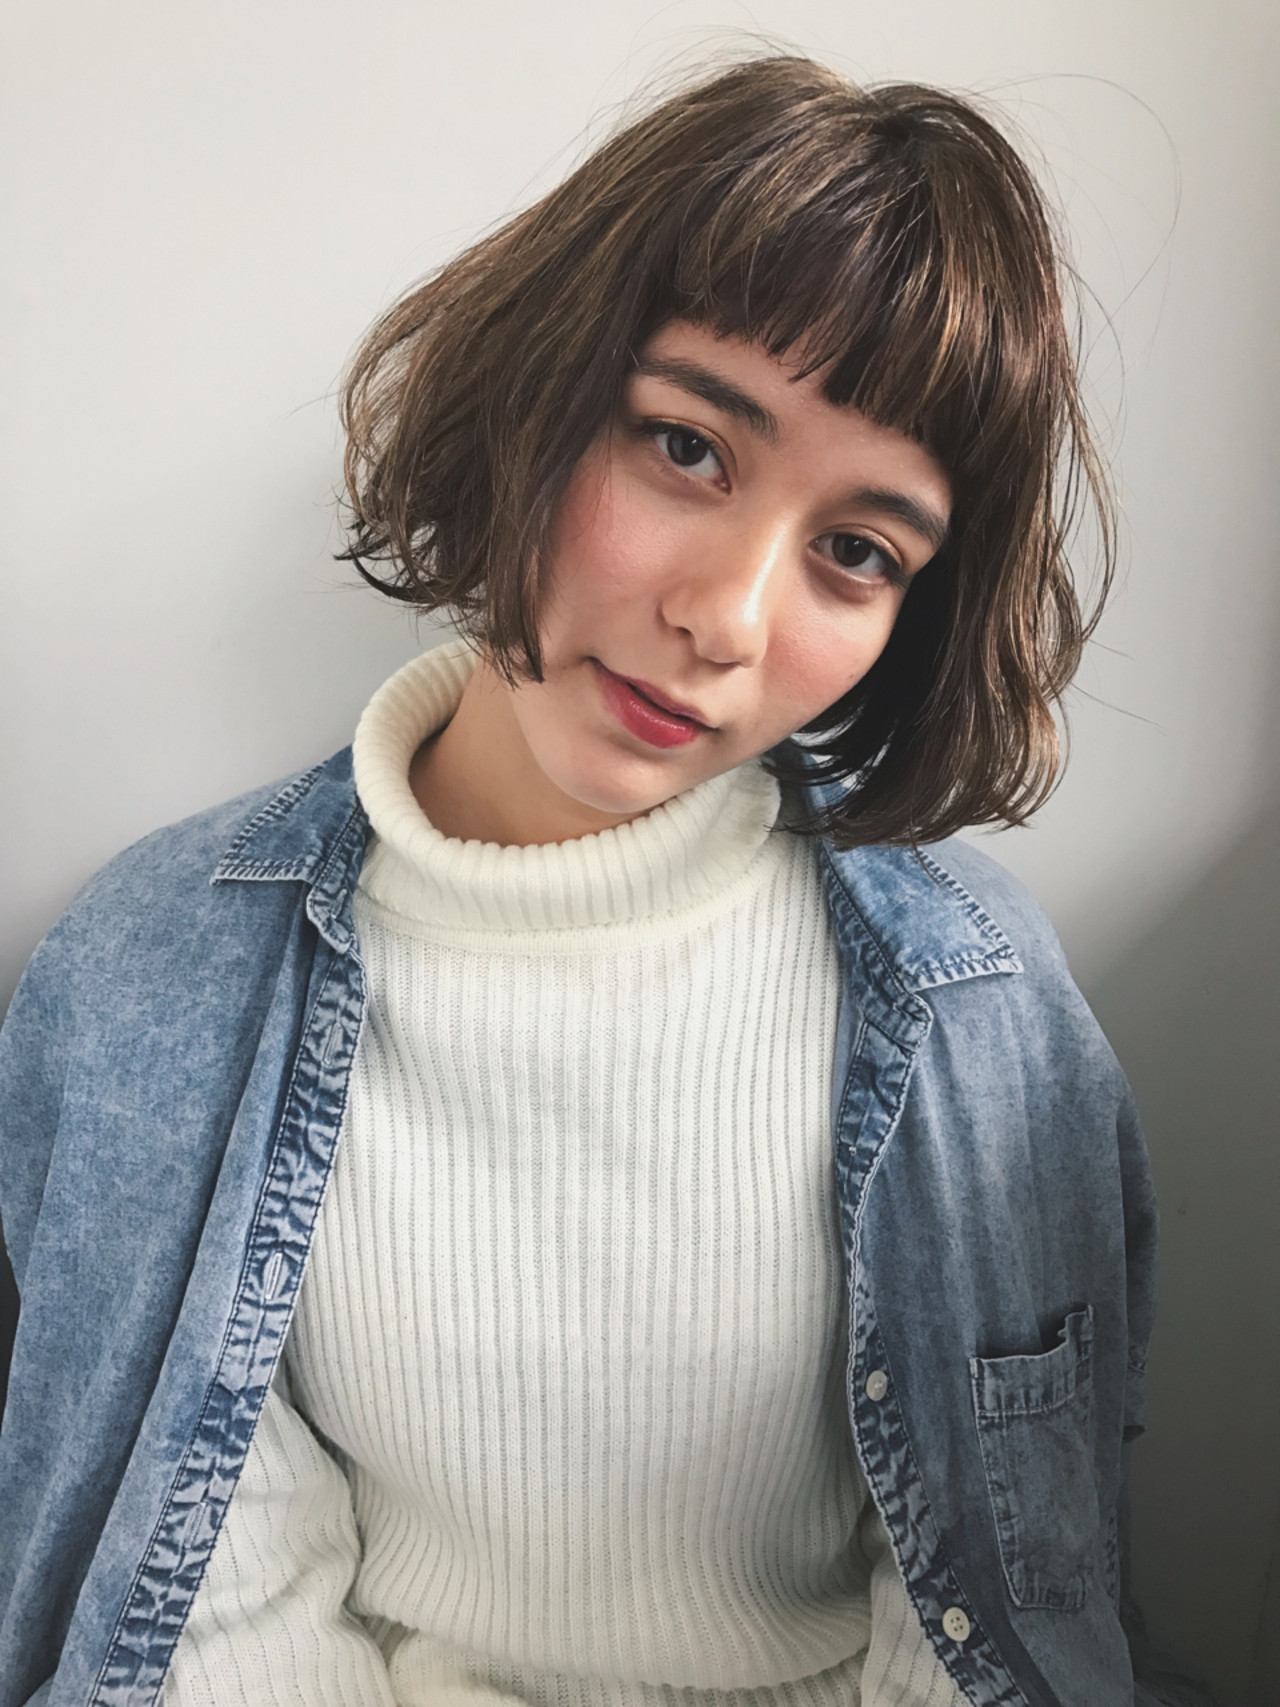 前髪あり パーマ ナチュラル ボブ ヘアスタイルや髪型の写真・画像 | Natsuko Kodama 児玉奈都子 / dydi